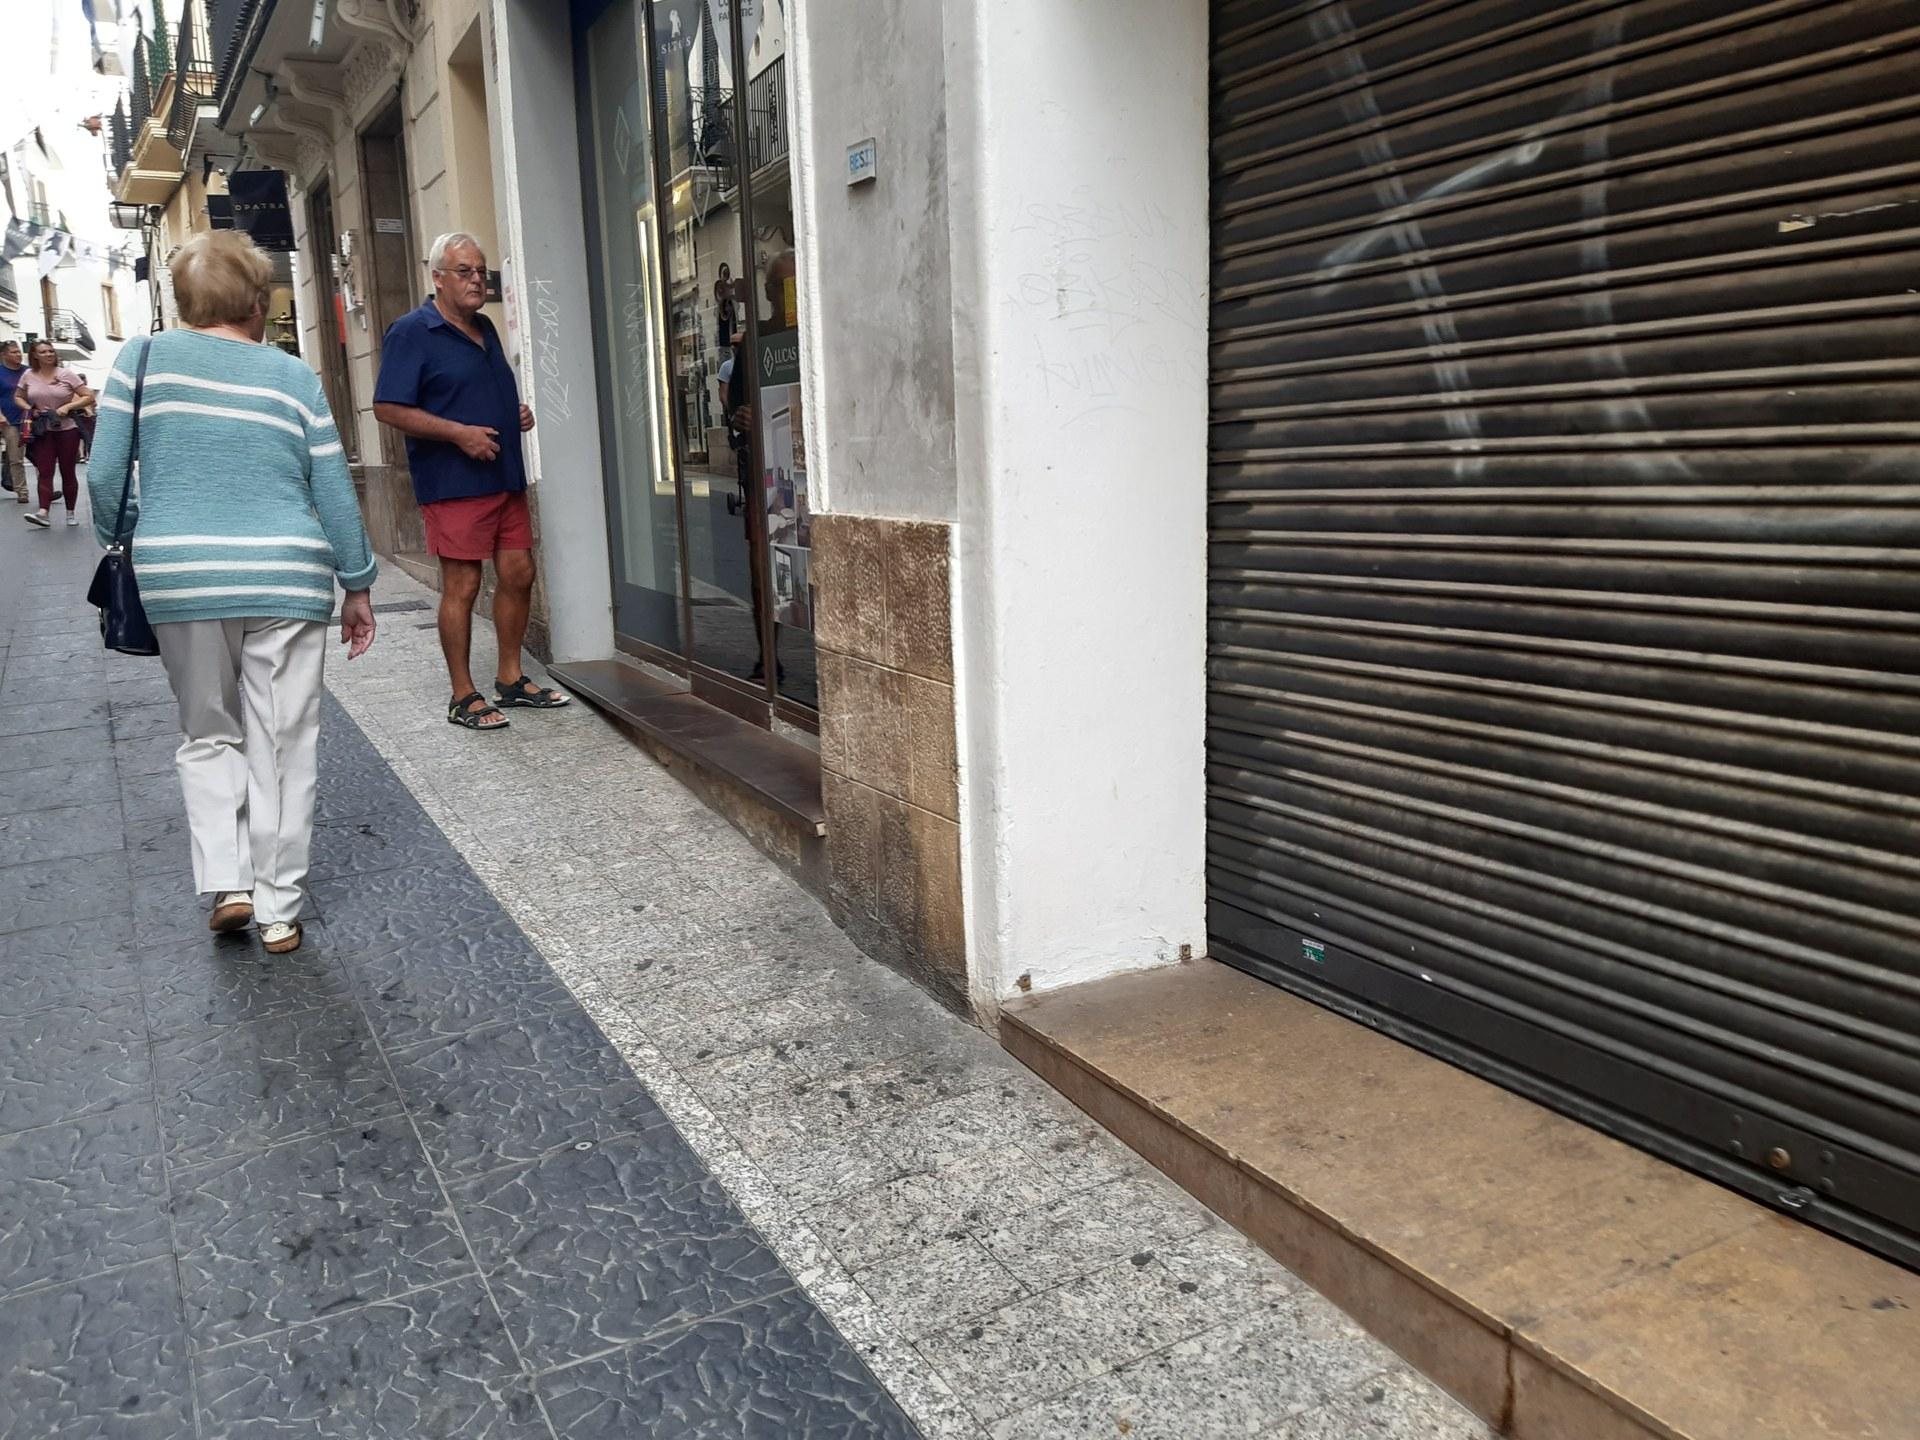 Seguiment de la vaga a Sitges